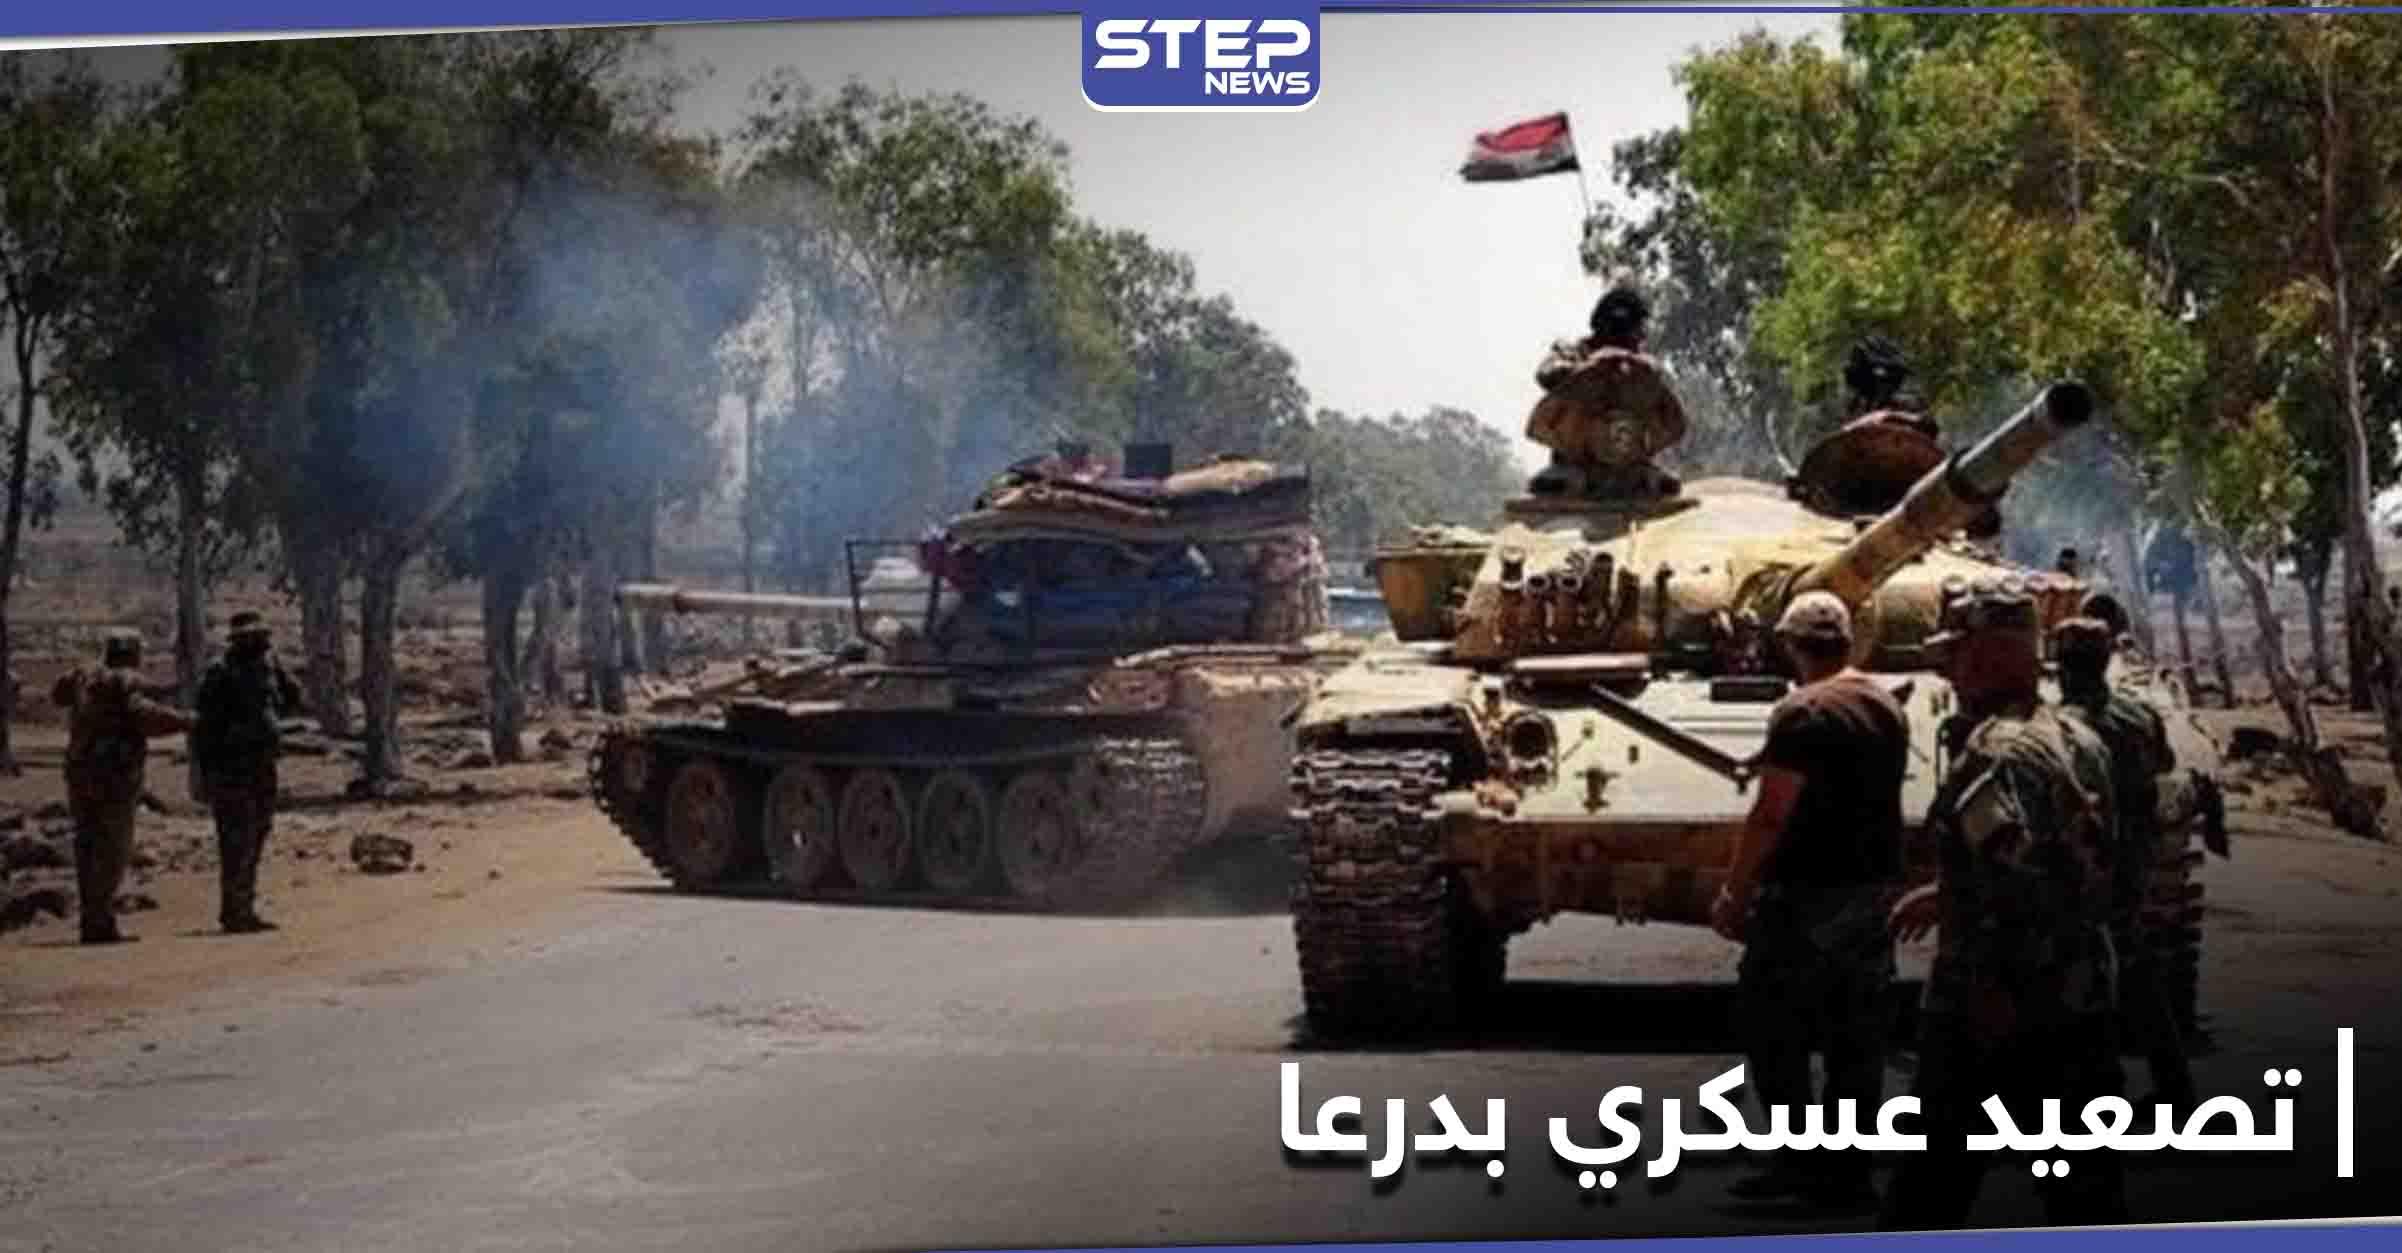 ما الذي يريده غياث دلّة من درعا.. أذرع إيران بالفرقة الرابعة تتحرك لاقتحام الريف الغربي